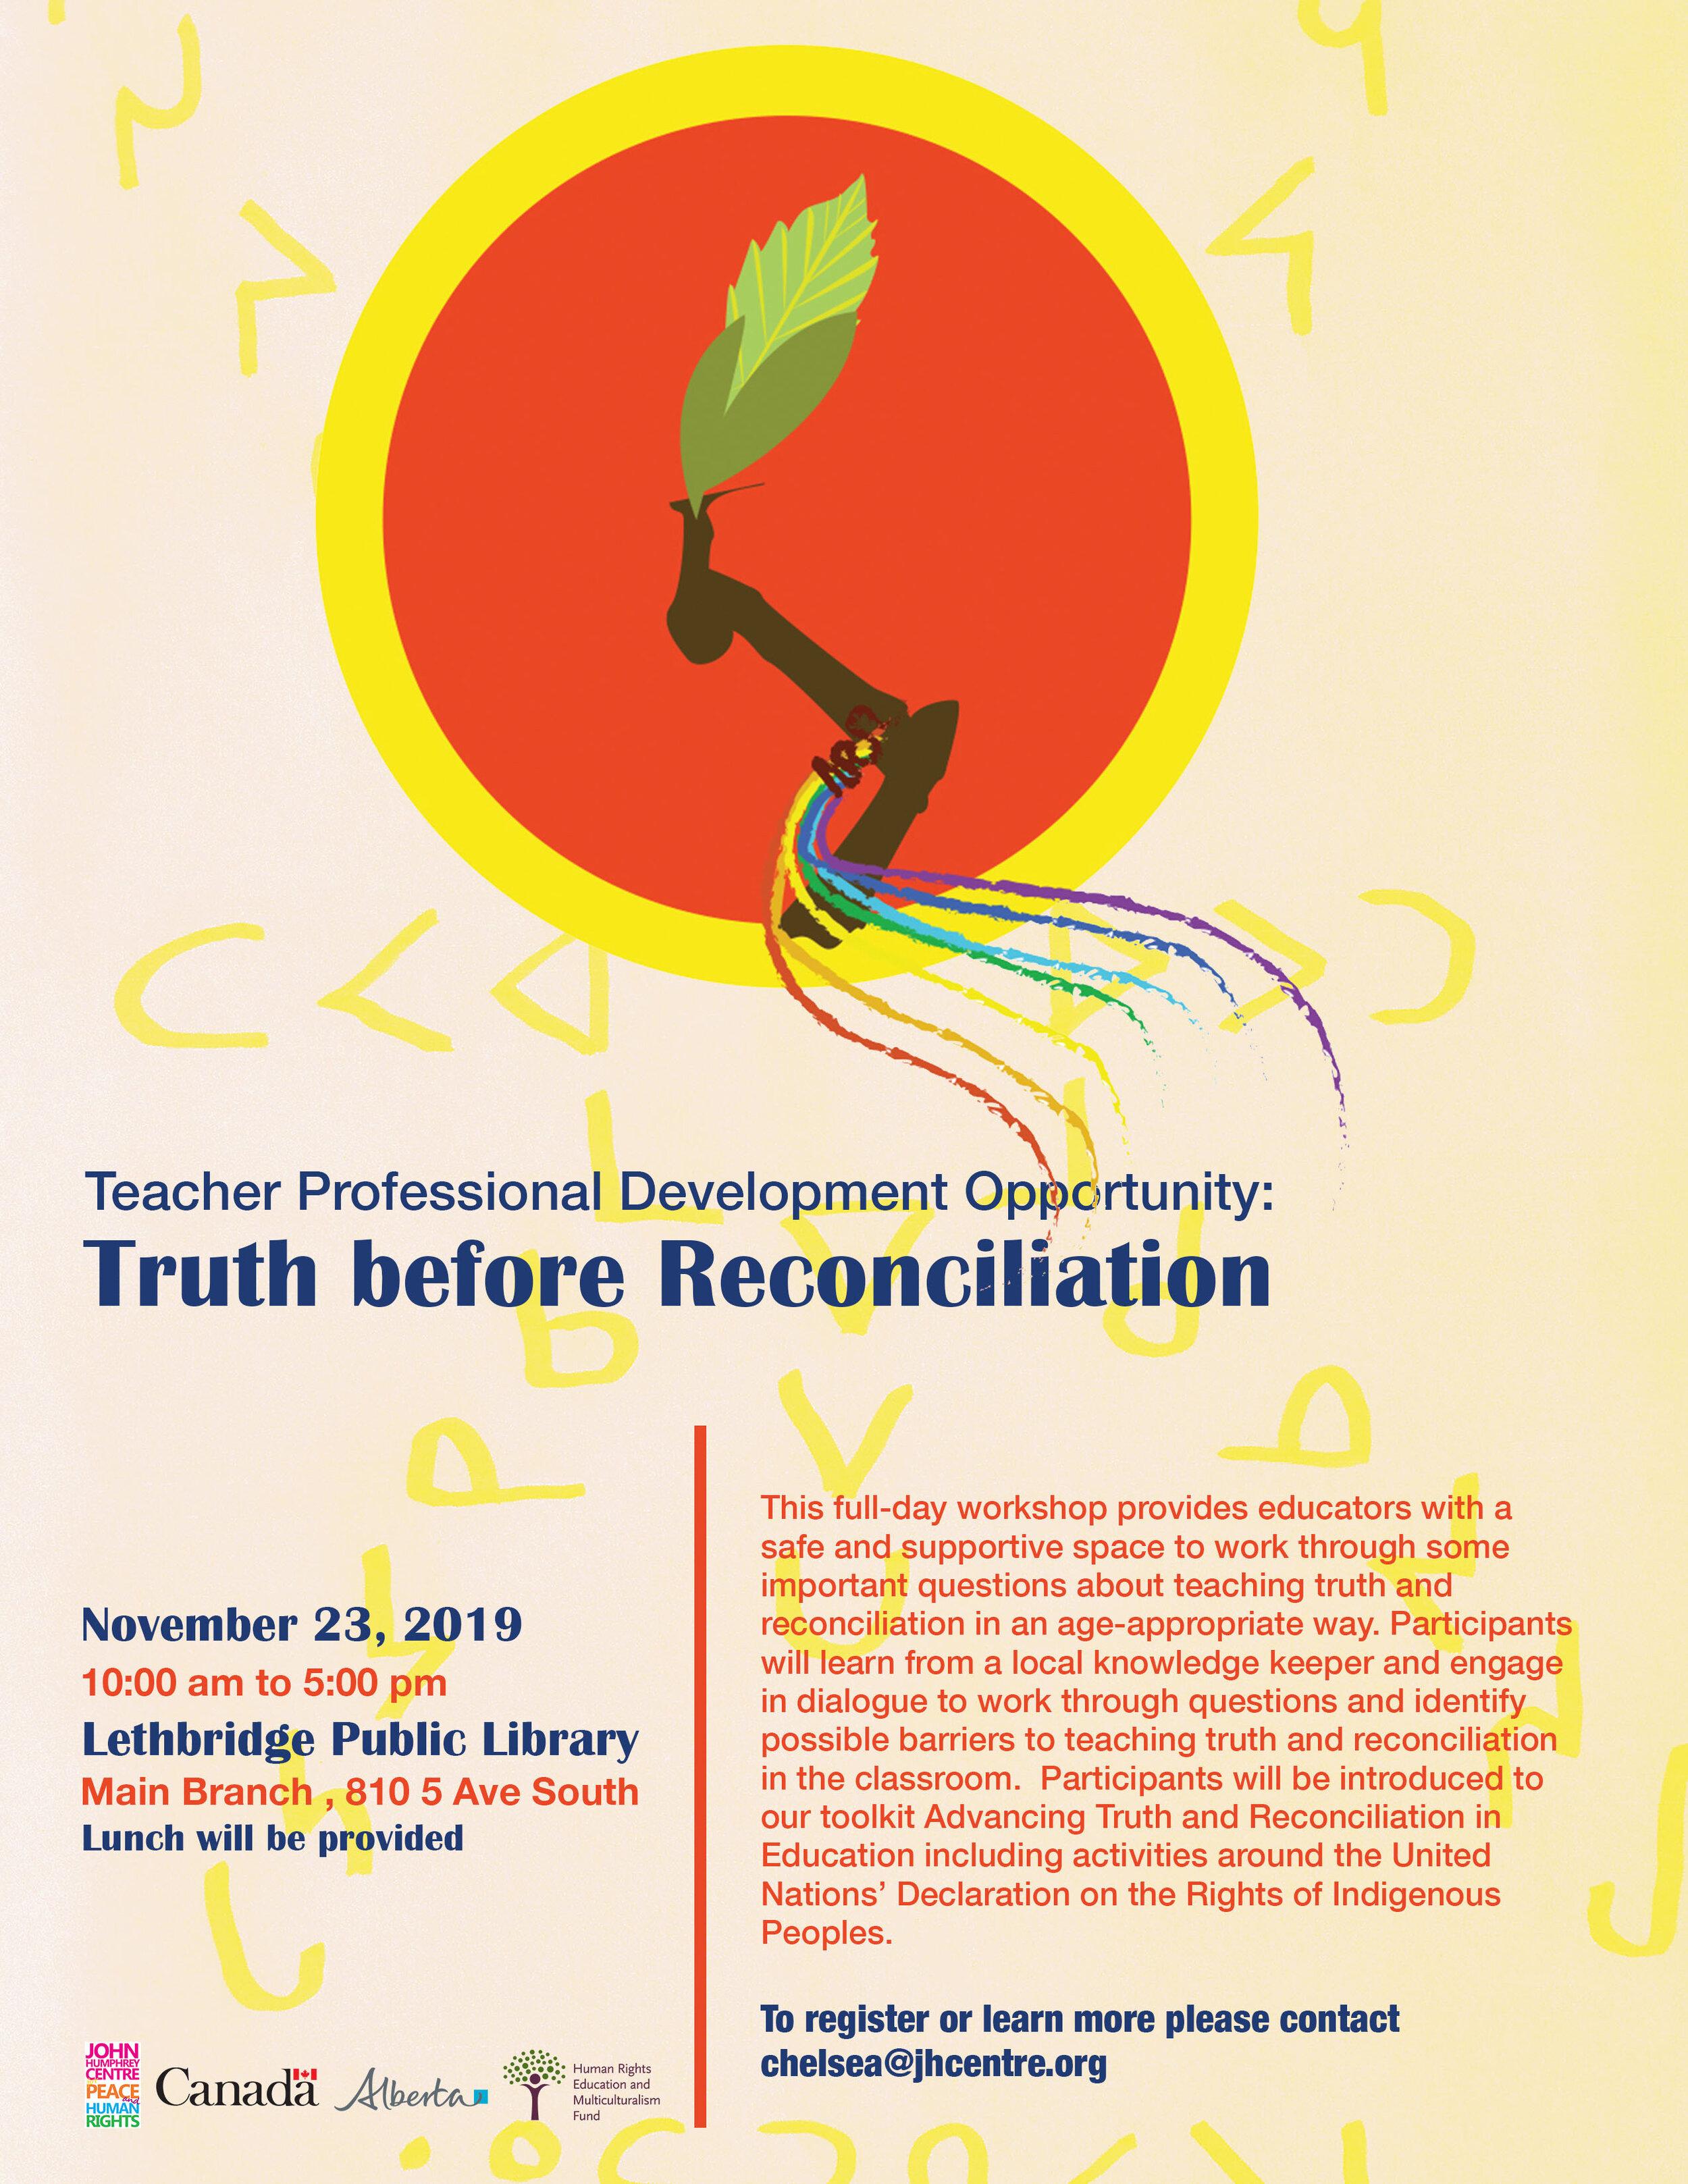 LethbridgePD-Nov2019-Poster-Final.jpg